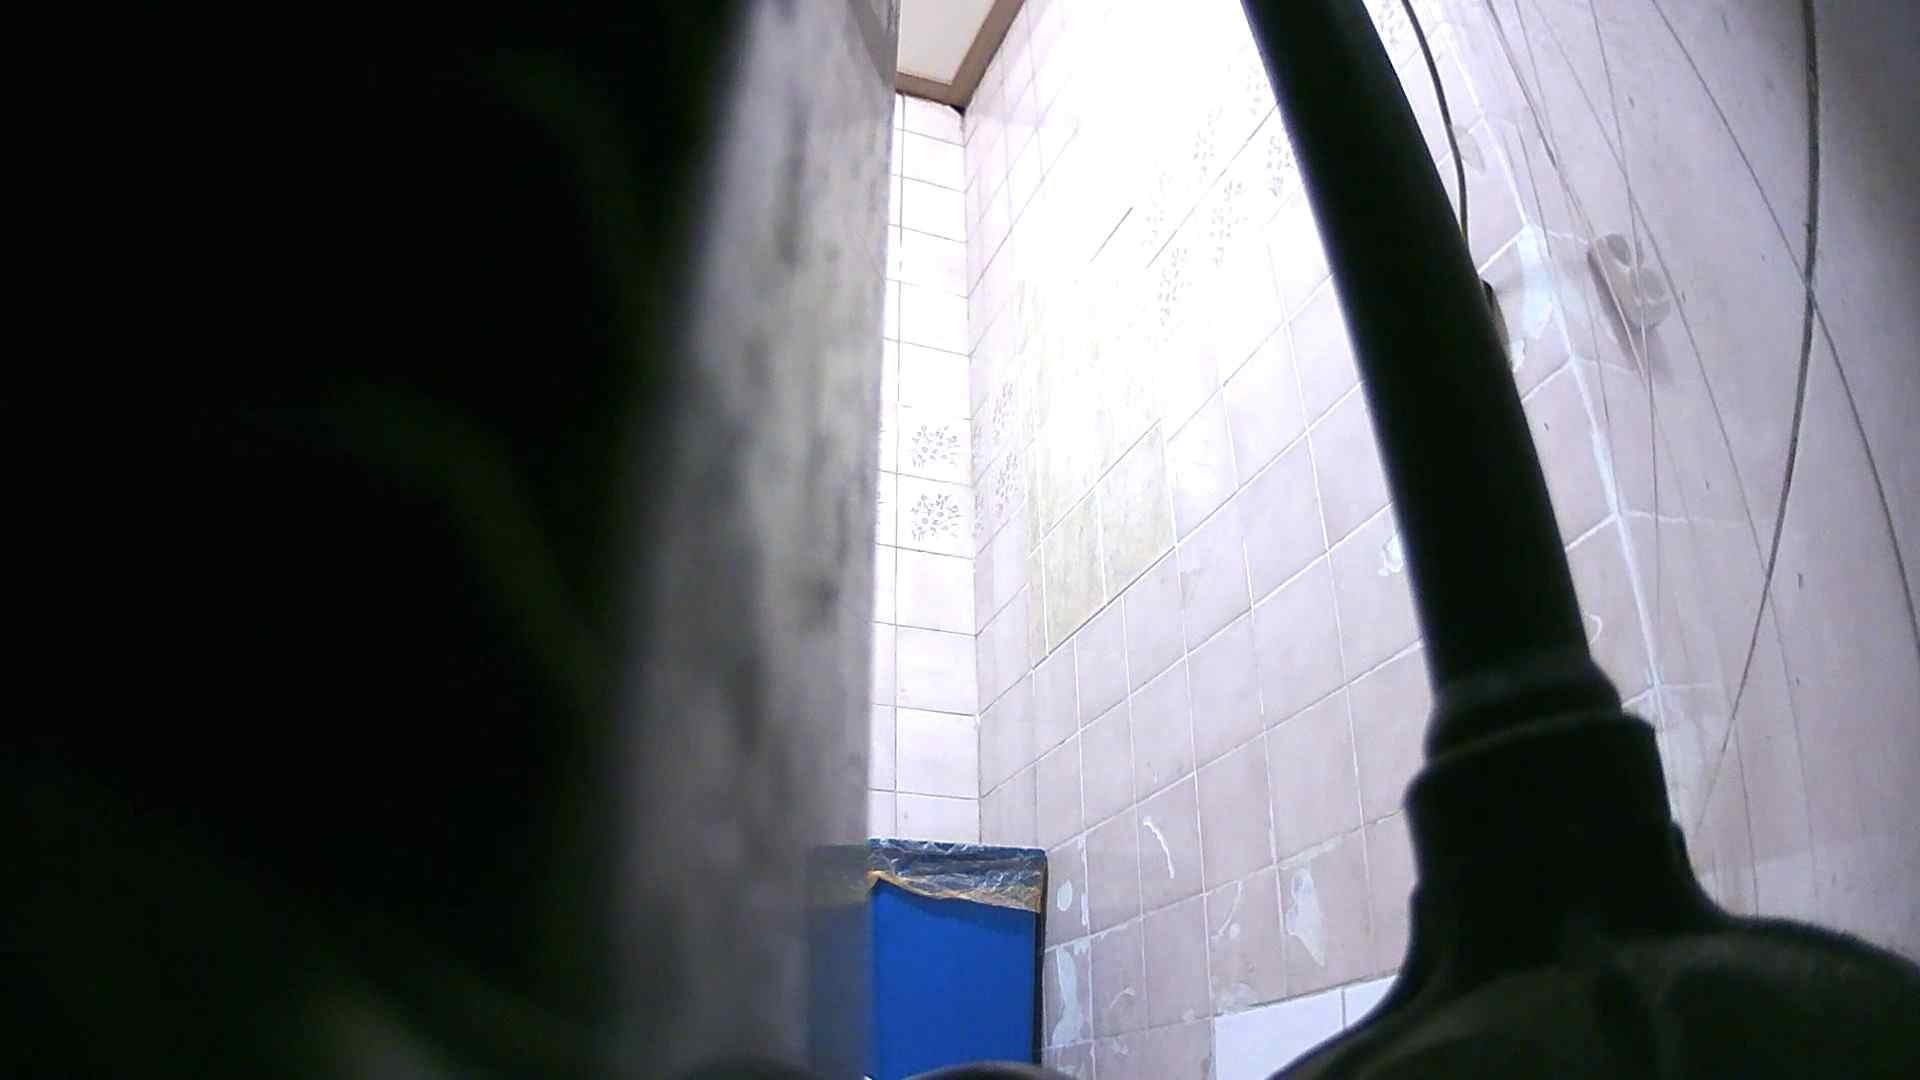 潜入!!韓国秘密のトイレ!Vol.16 盗撮 エロ無料画像 105画像 26